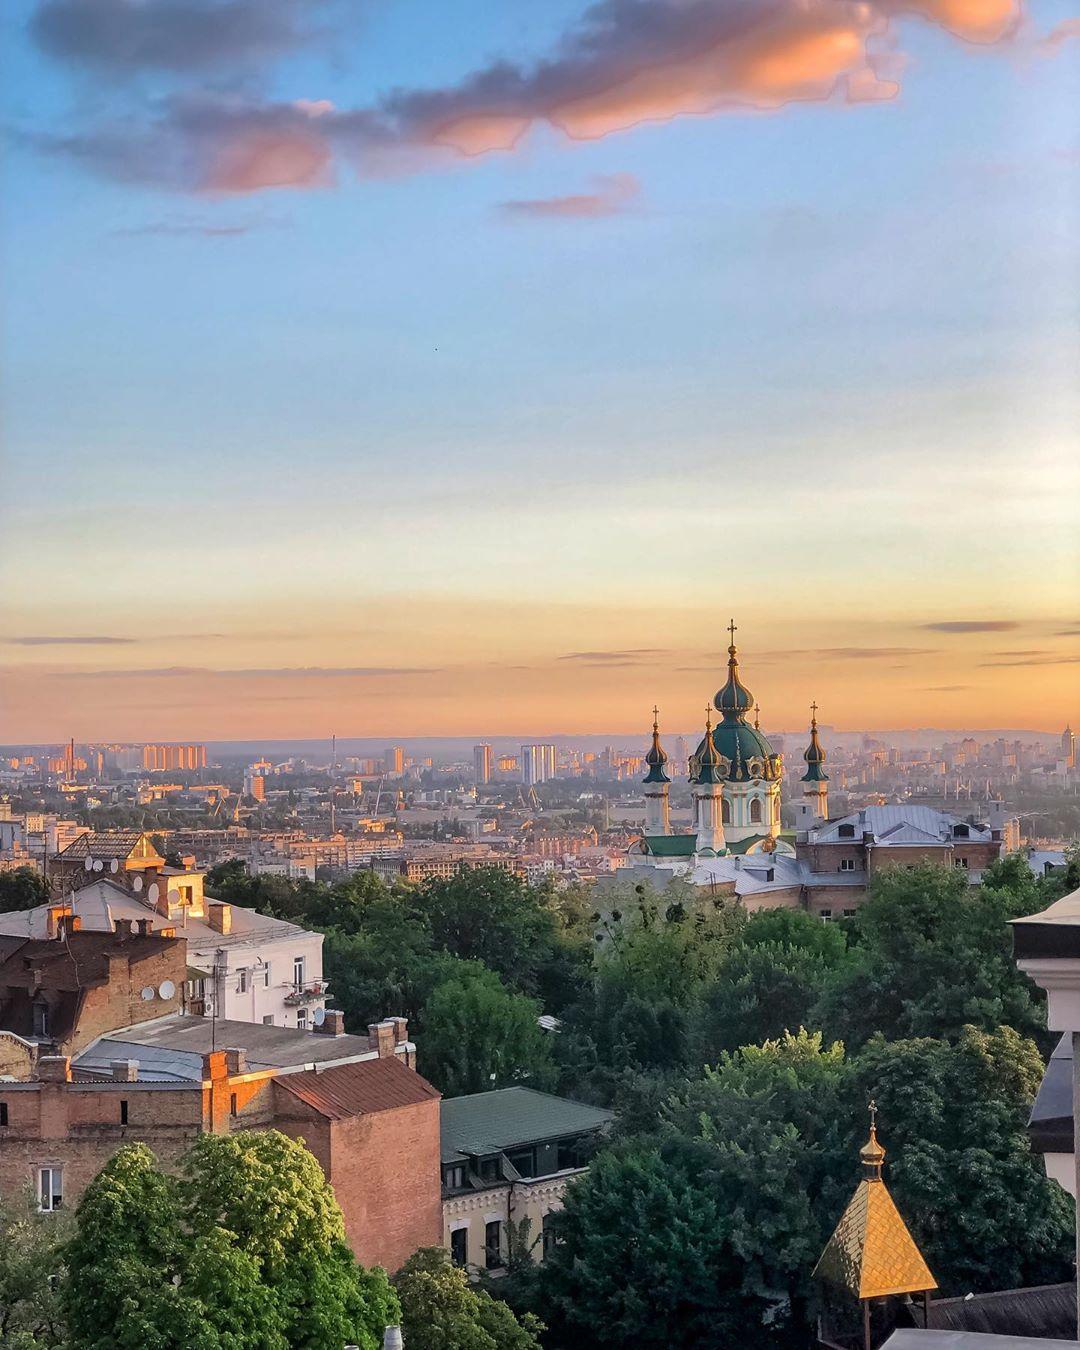 """Отдельный кайф при съемке в городе - это фотографии с вот таким видом на крыши любимого """"одноэтажного Киева"""". Порадовала эстетов в редакции @diana.gertsen"""